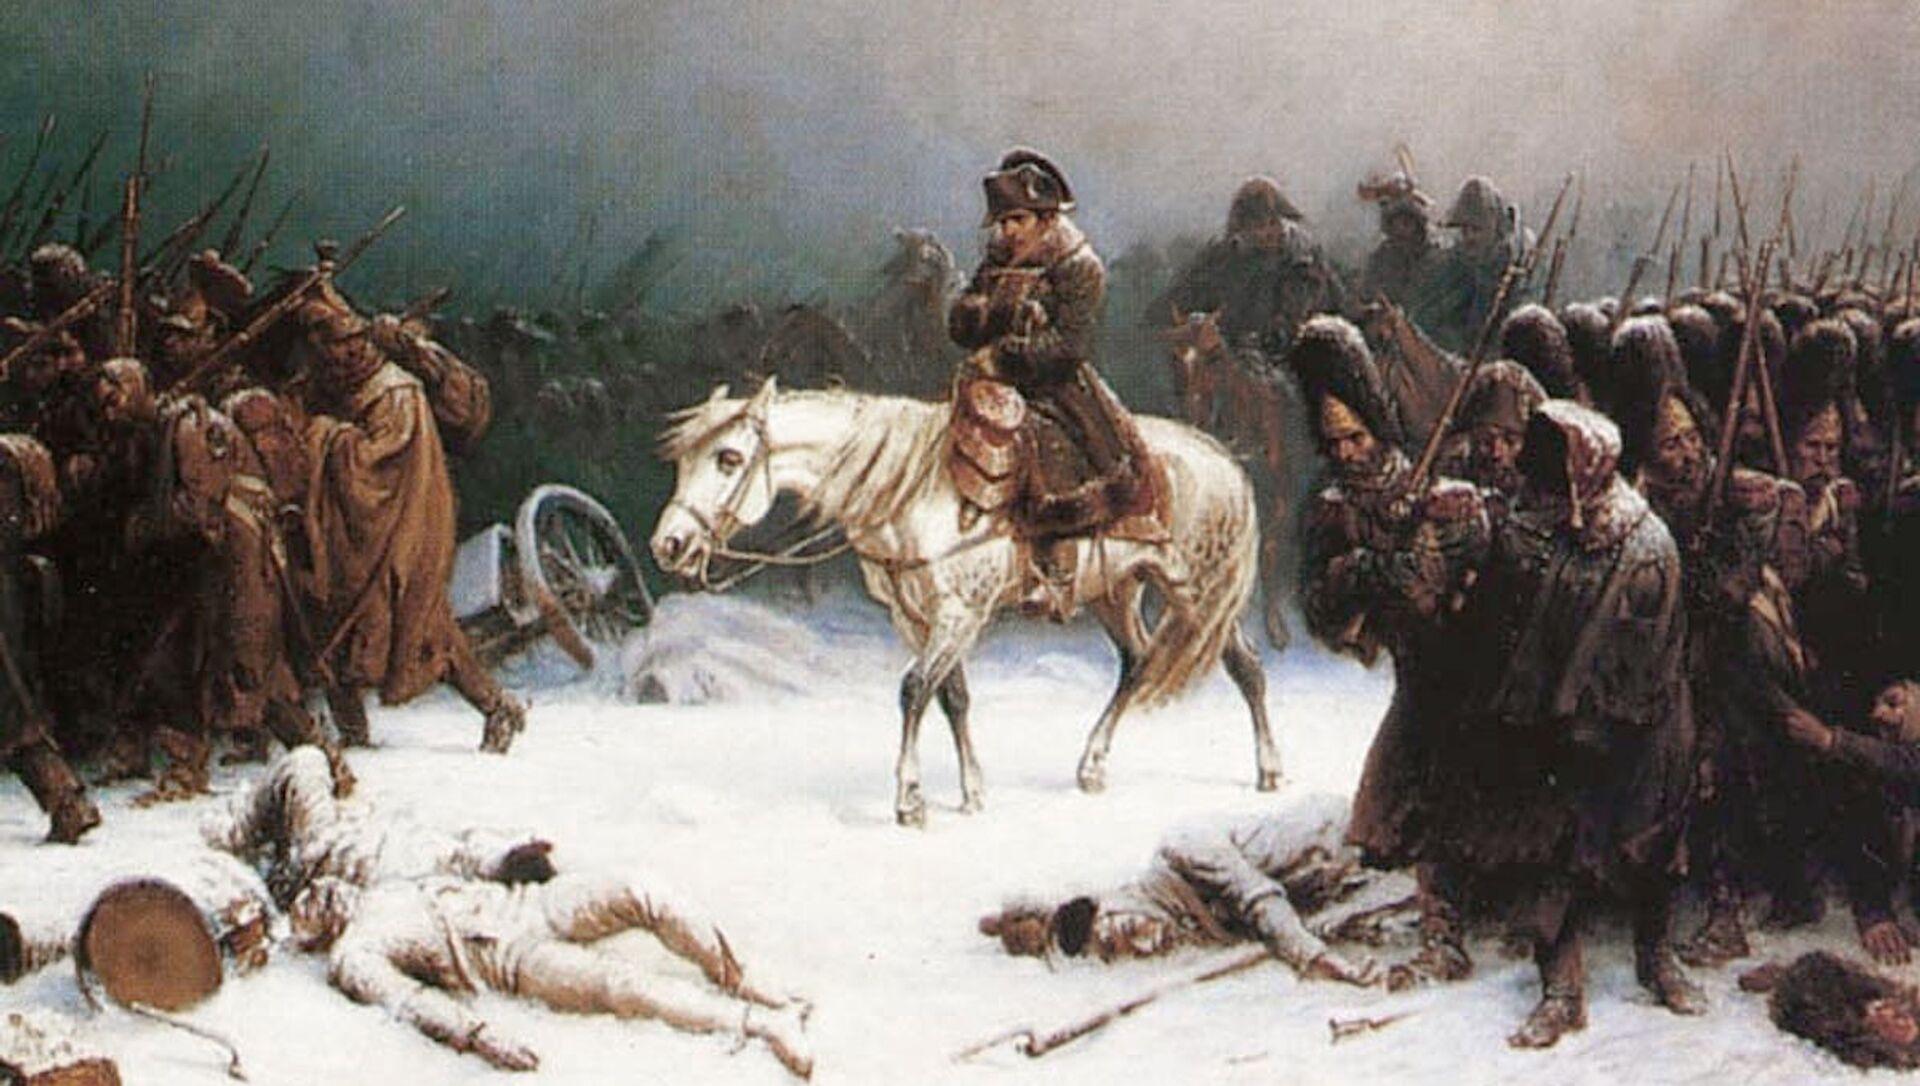 Dipinto la Ritirata di Napoleone Bonaparte dalla Russia, di Adolph Northen - Sputnik Italia, 1920, 05.05.2021